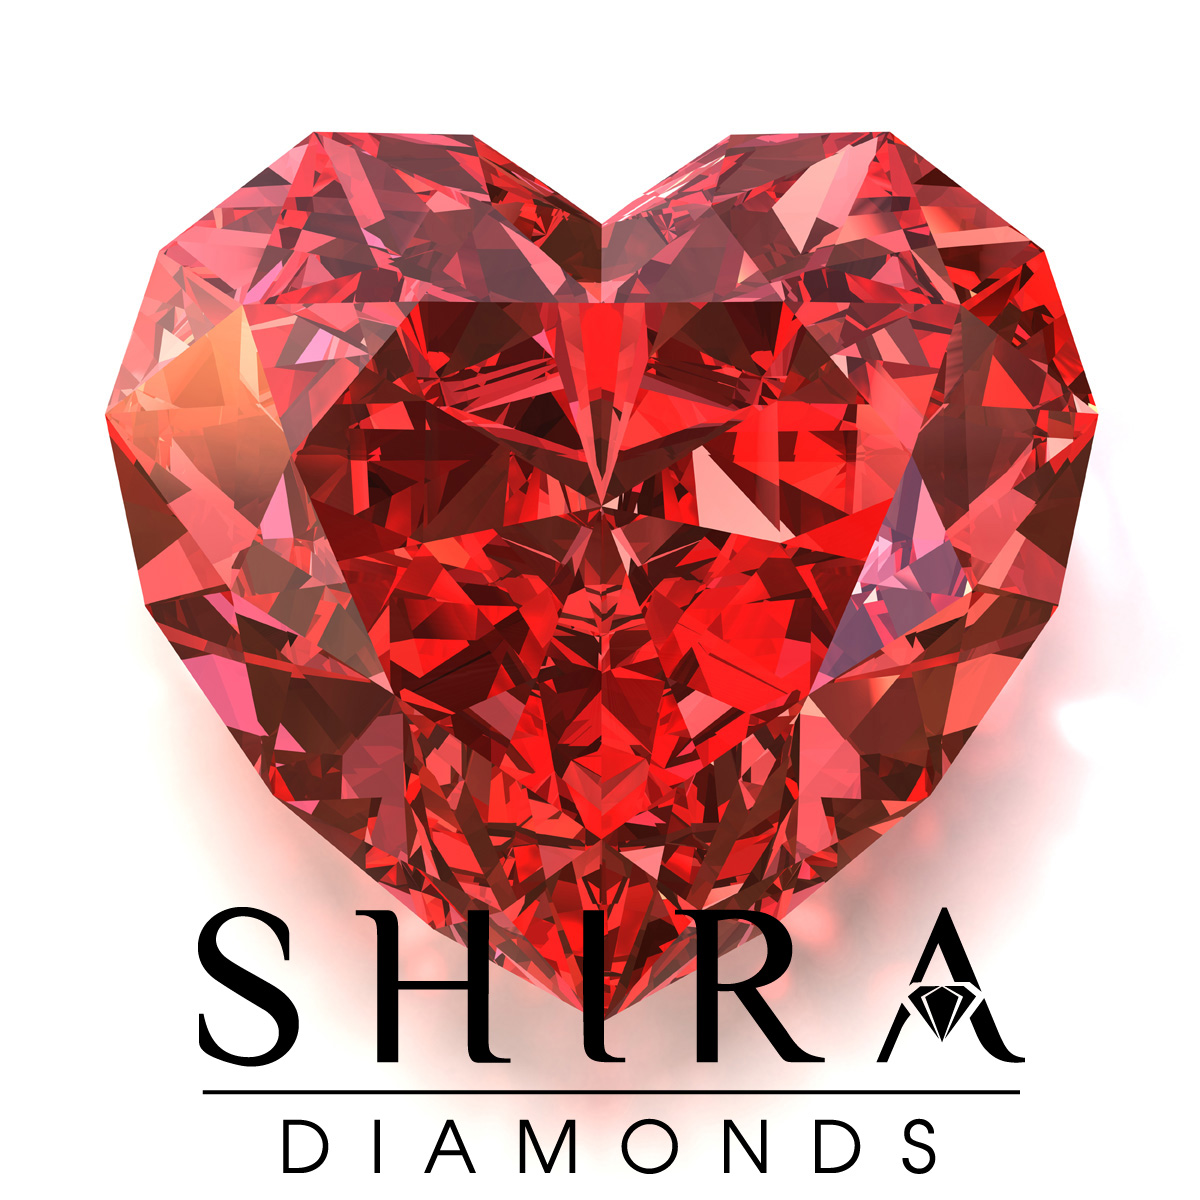 diamond-hearts-dallas-shira-diamonds